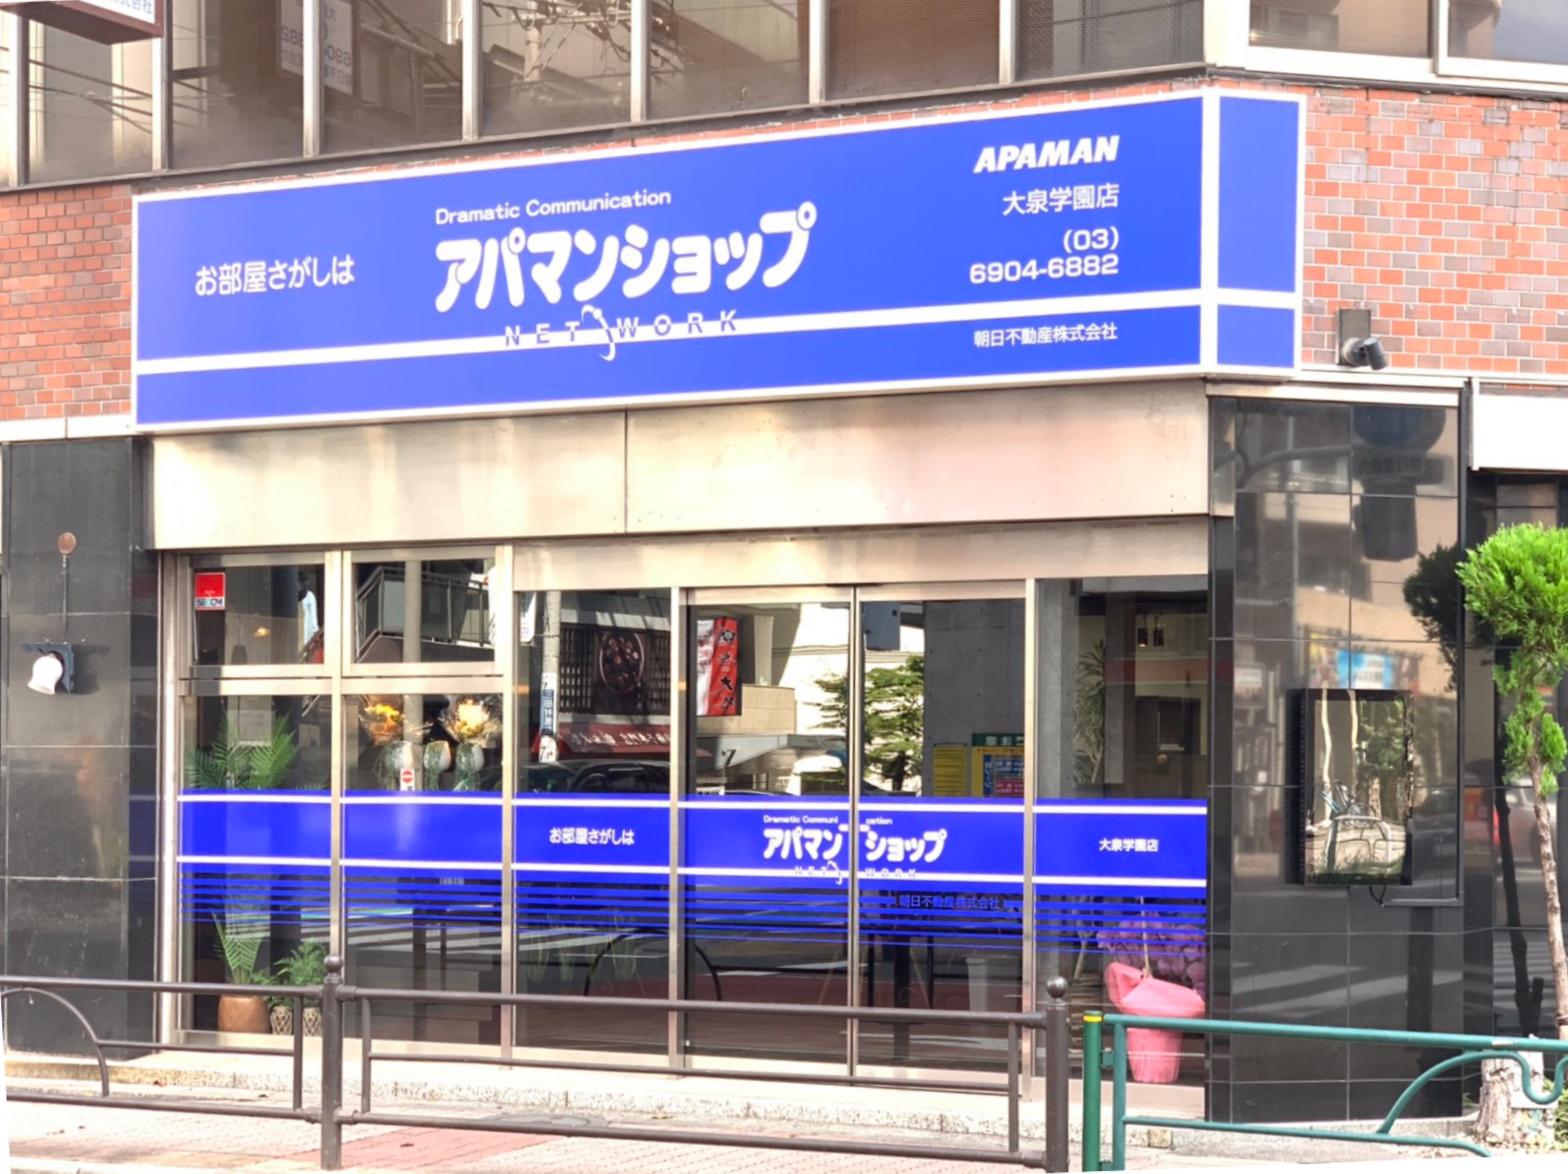 9/8 アパマンショップ大泉学園店 リニューアルOPEN!!